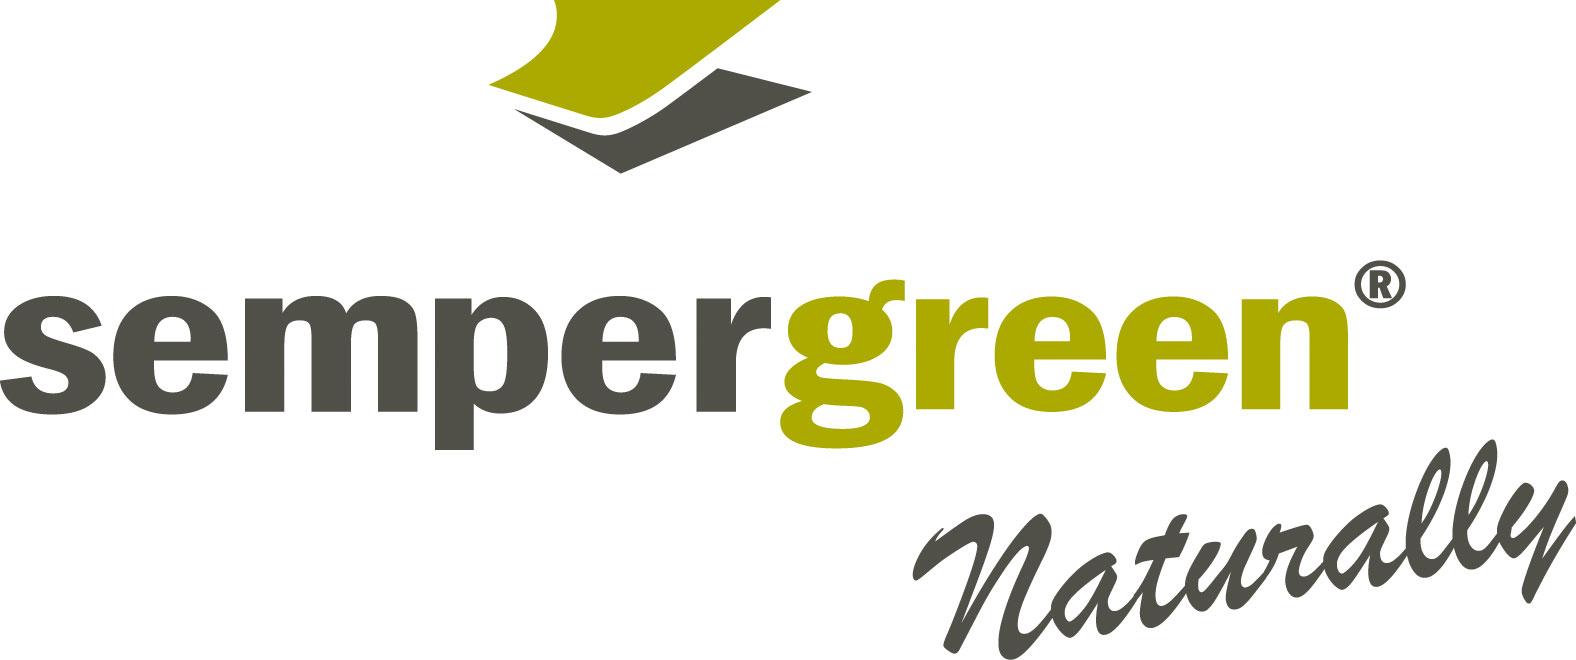 Sempergreen logo